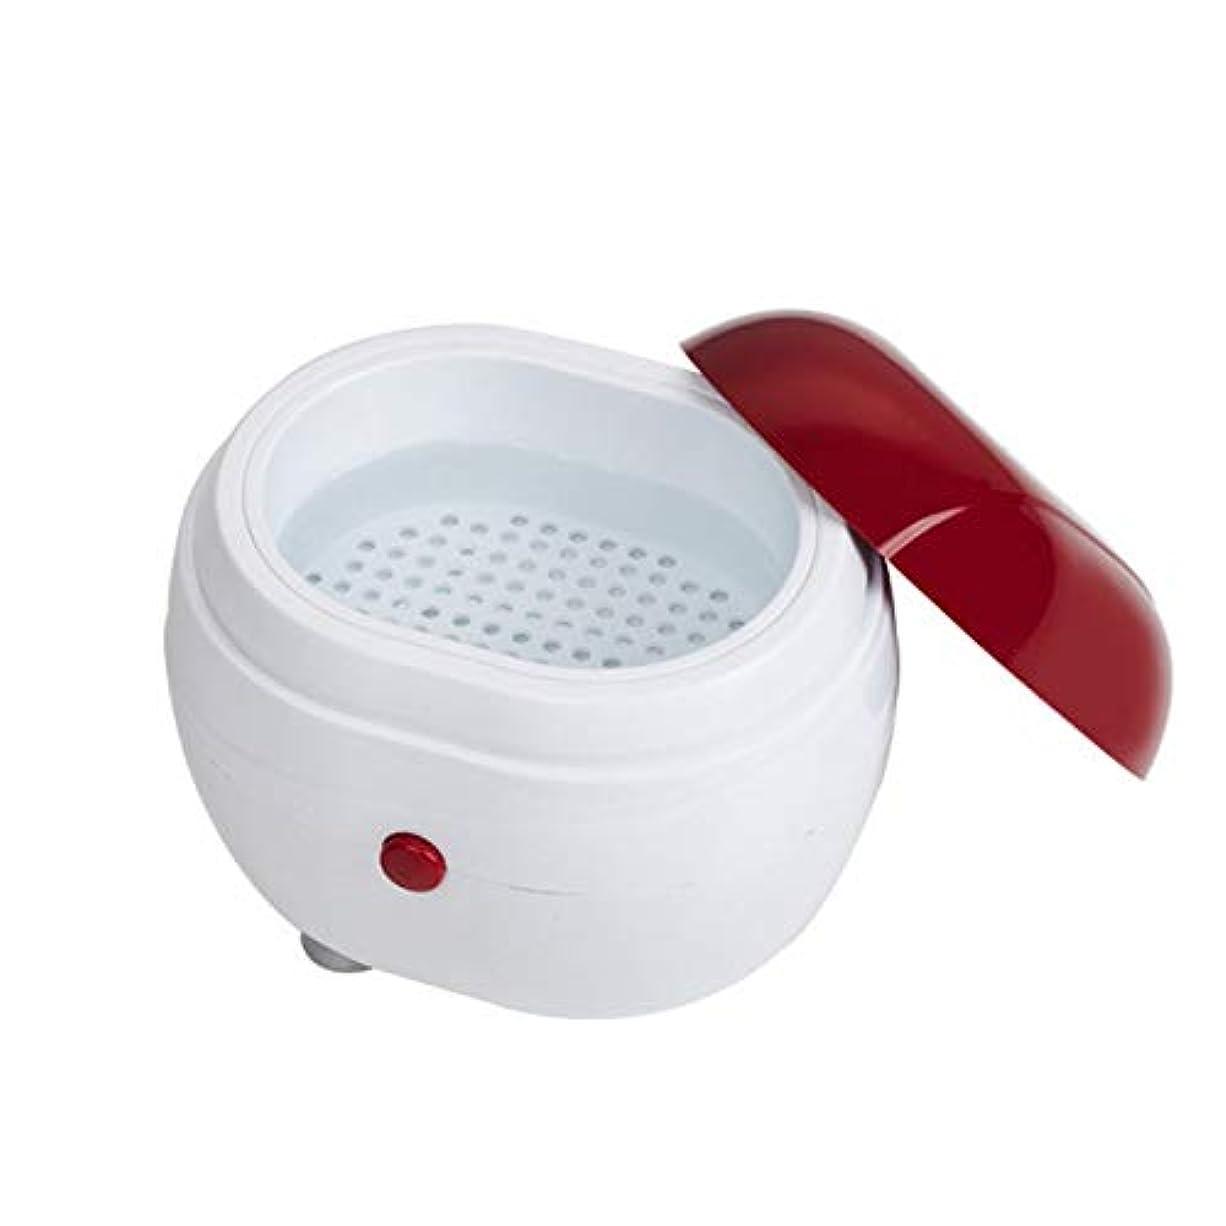 鼻実業家執着ポータブル超音波洗濯機家庭用ジュエリーレンズ時計入れ歯クリーニング機洗濯機クリーナークリーニングボックス - 赤&白